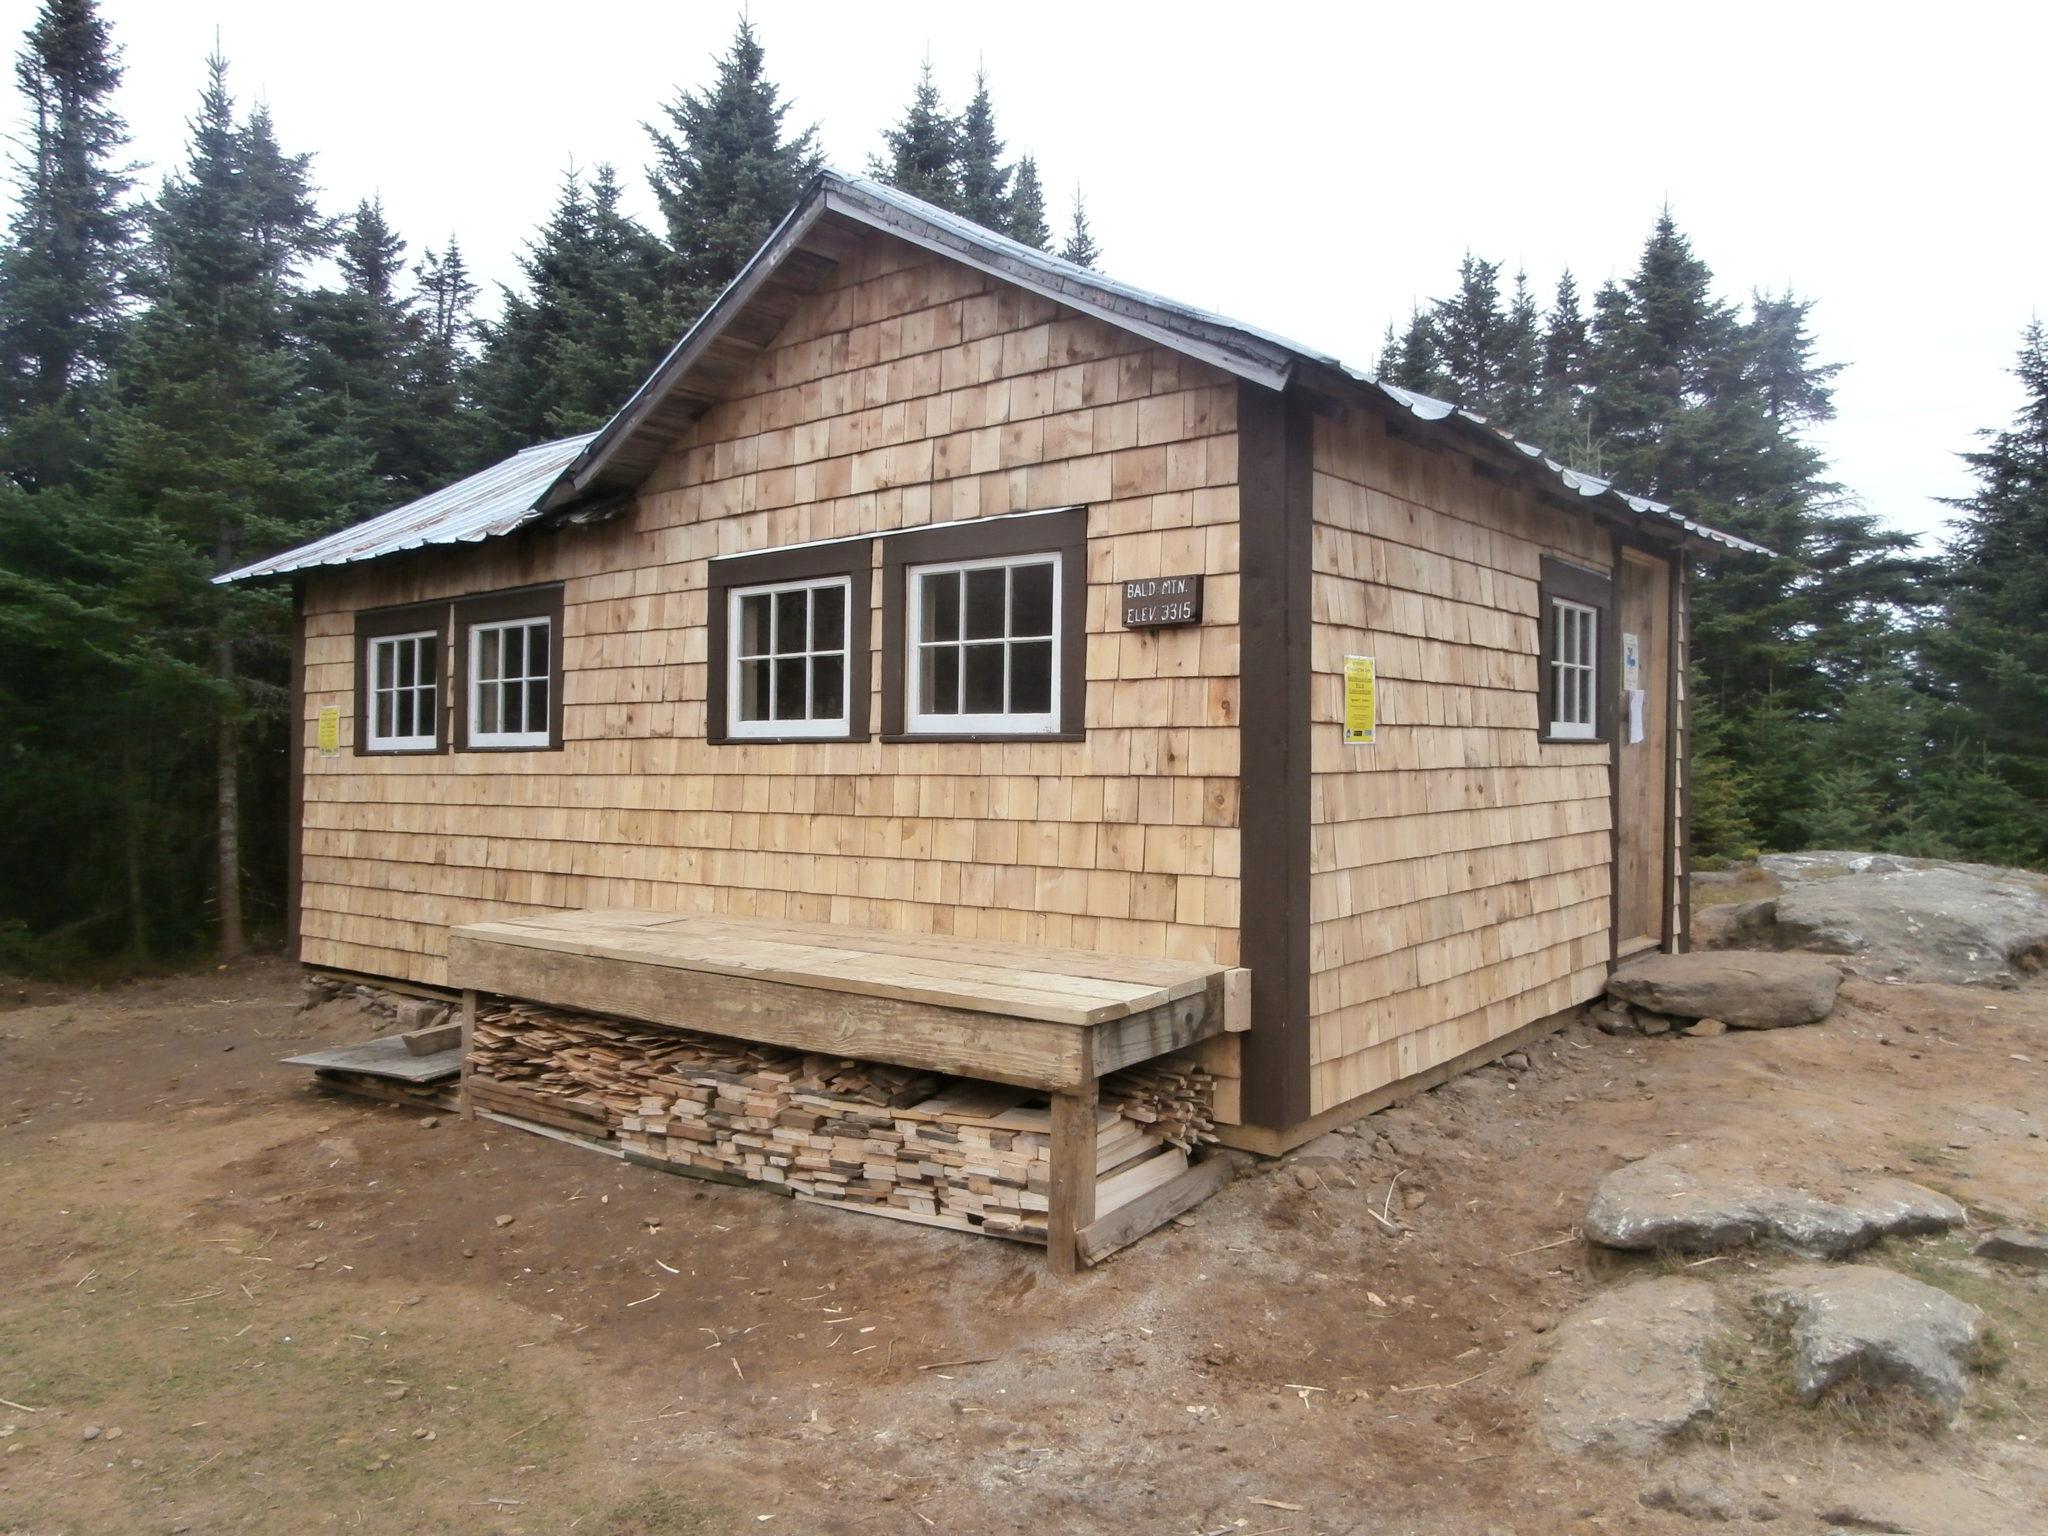 Bald Mountain Cabin Restored Northwoods Stewardship Center